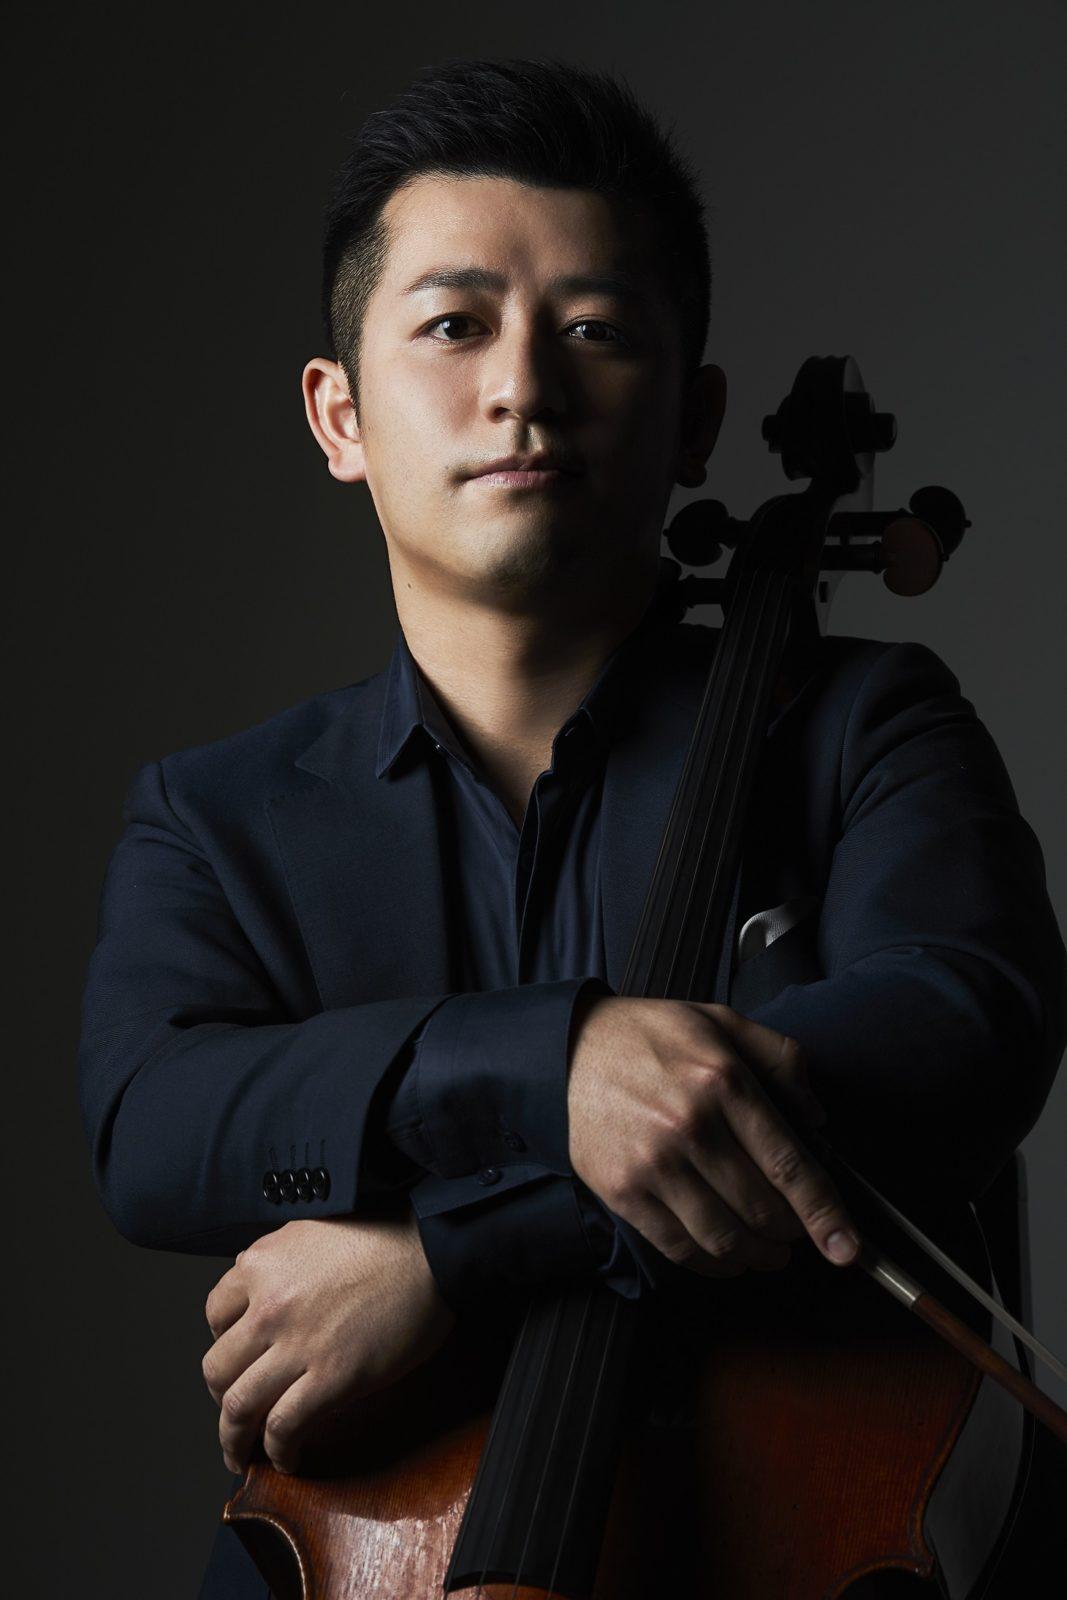 宮田大、クラシックの名曲3曲を配信リリースサムネイル画像